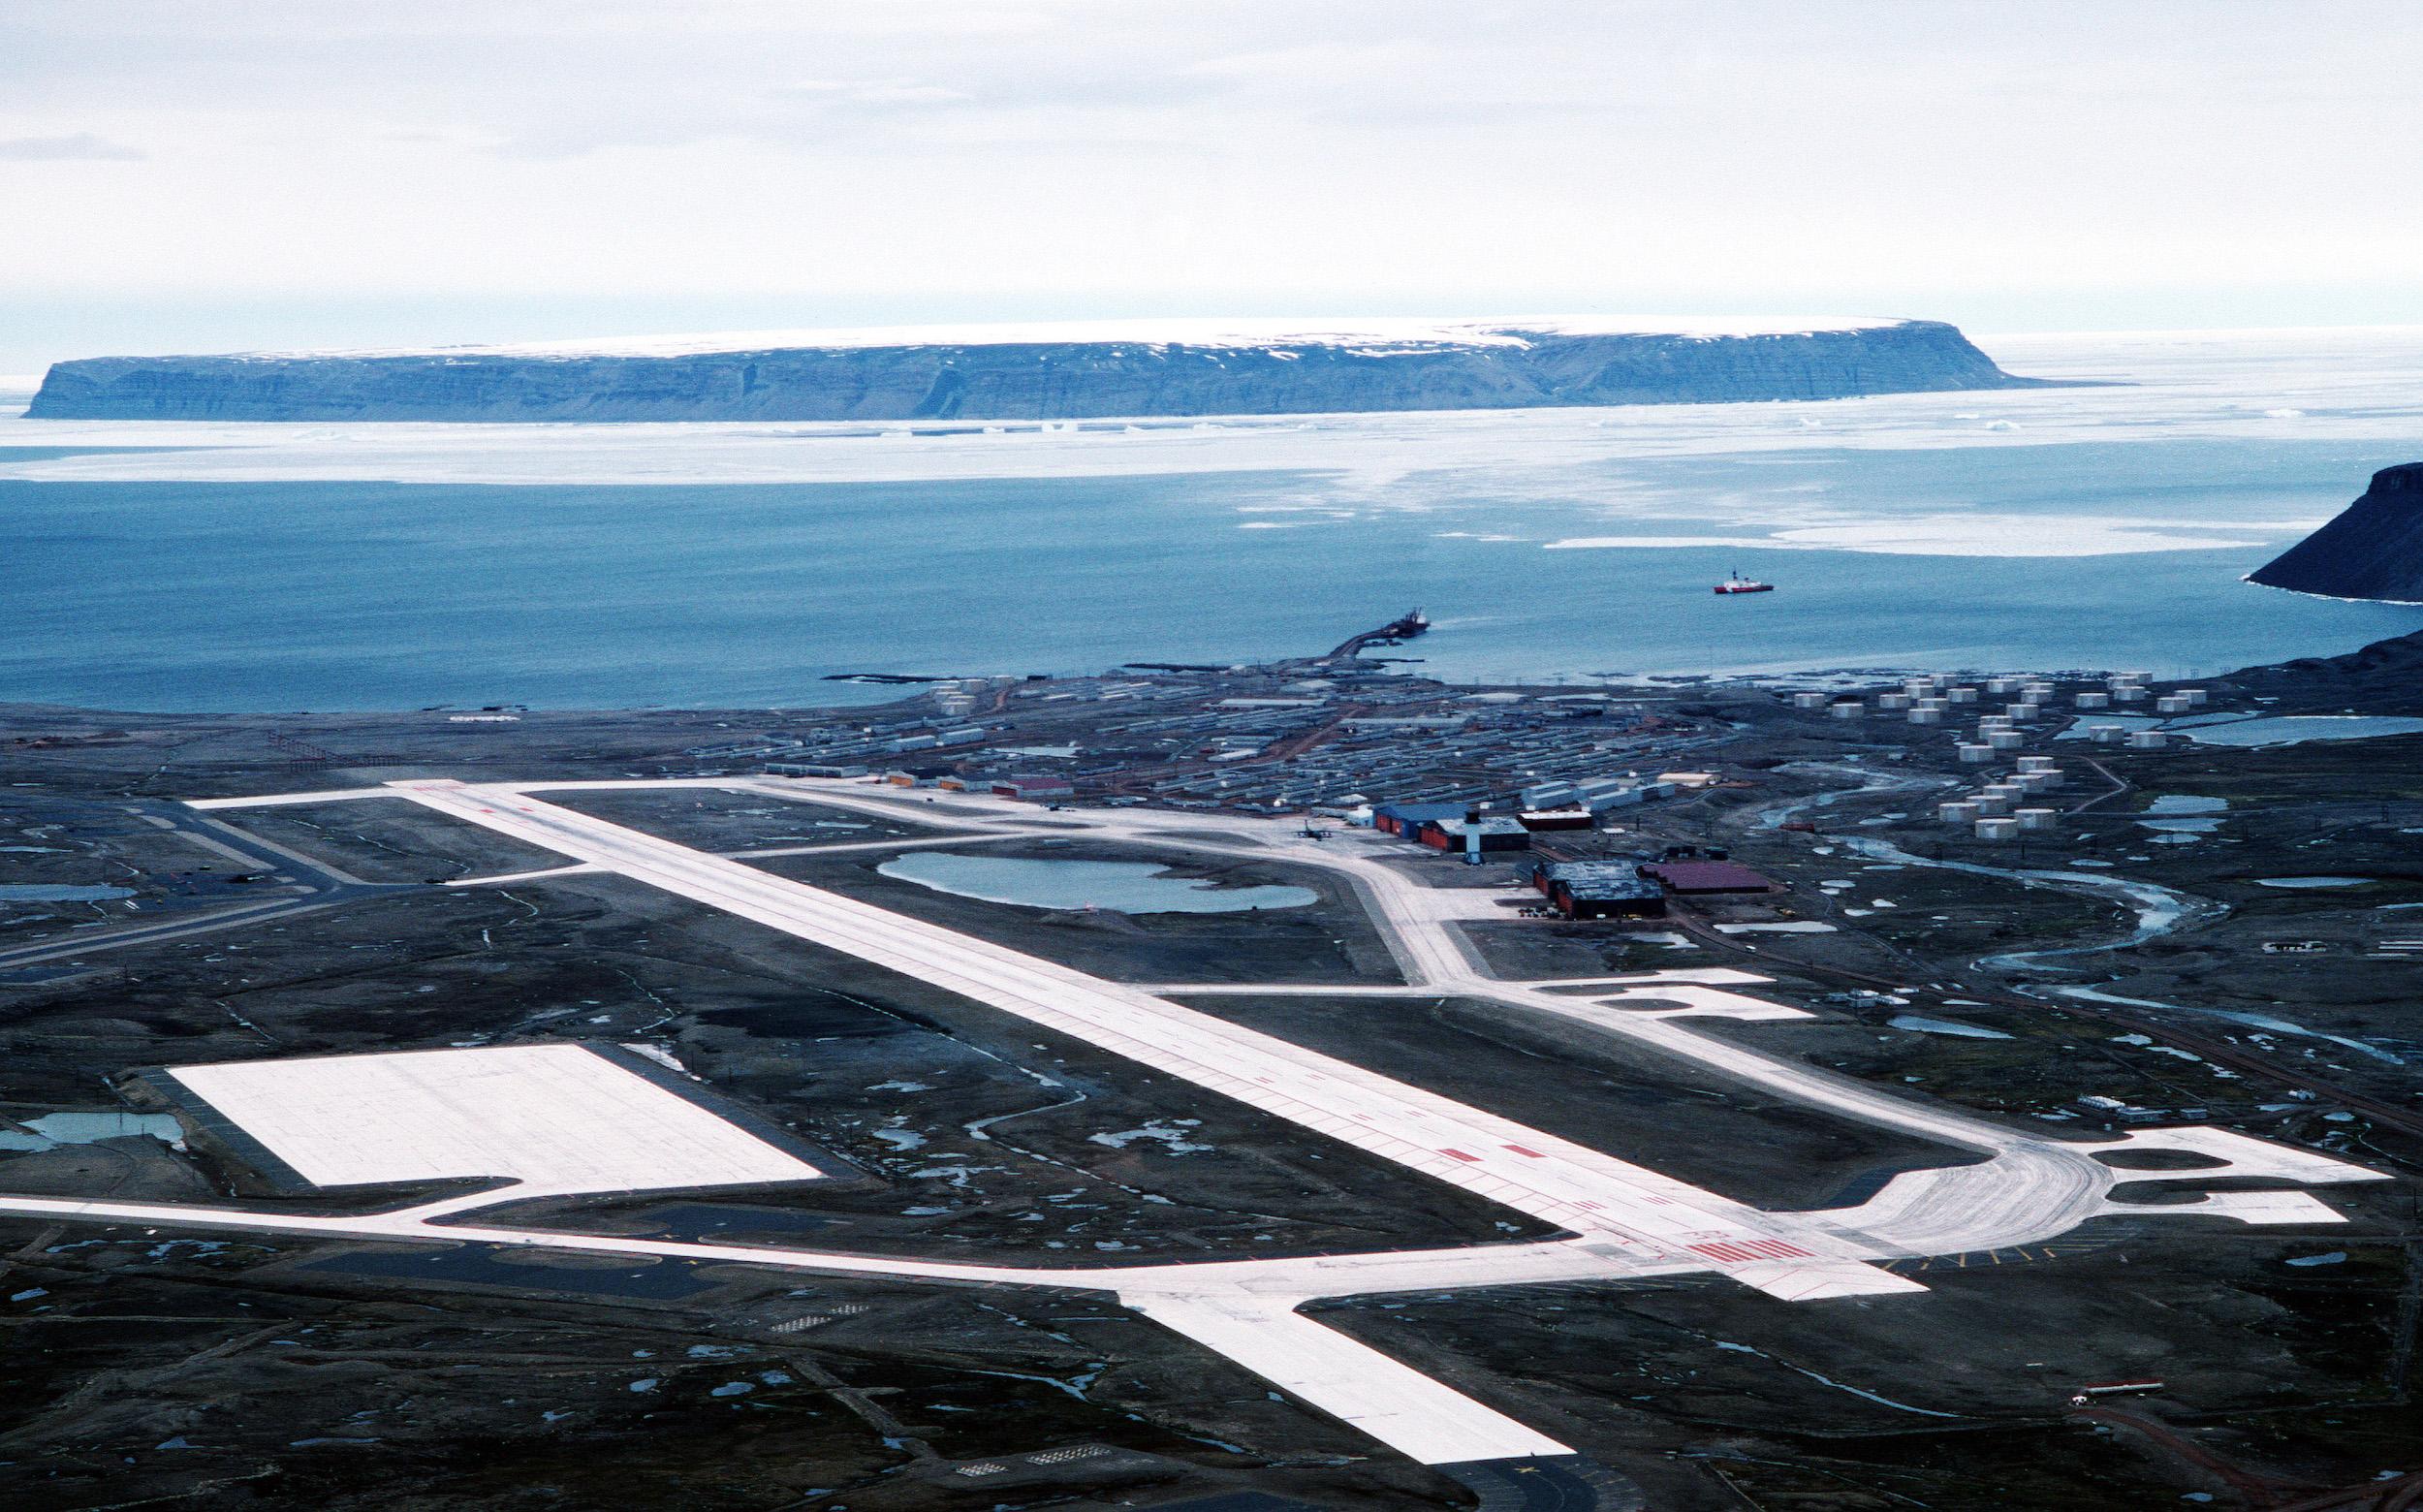 Grönland-Nordküste (Thule, Qaanaaq, Upernavik)